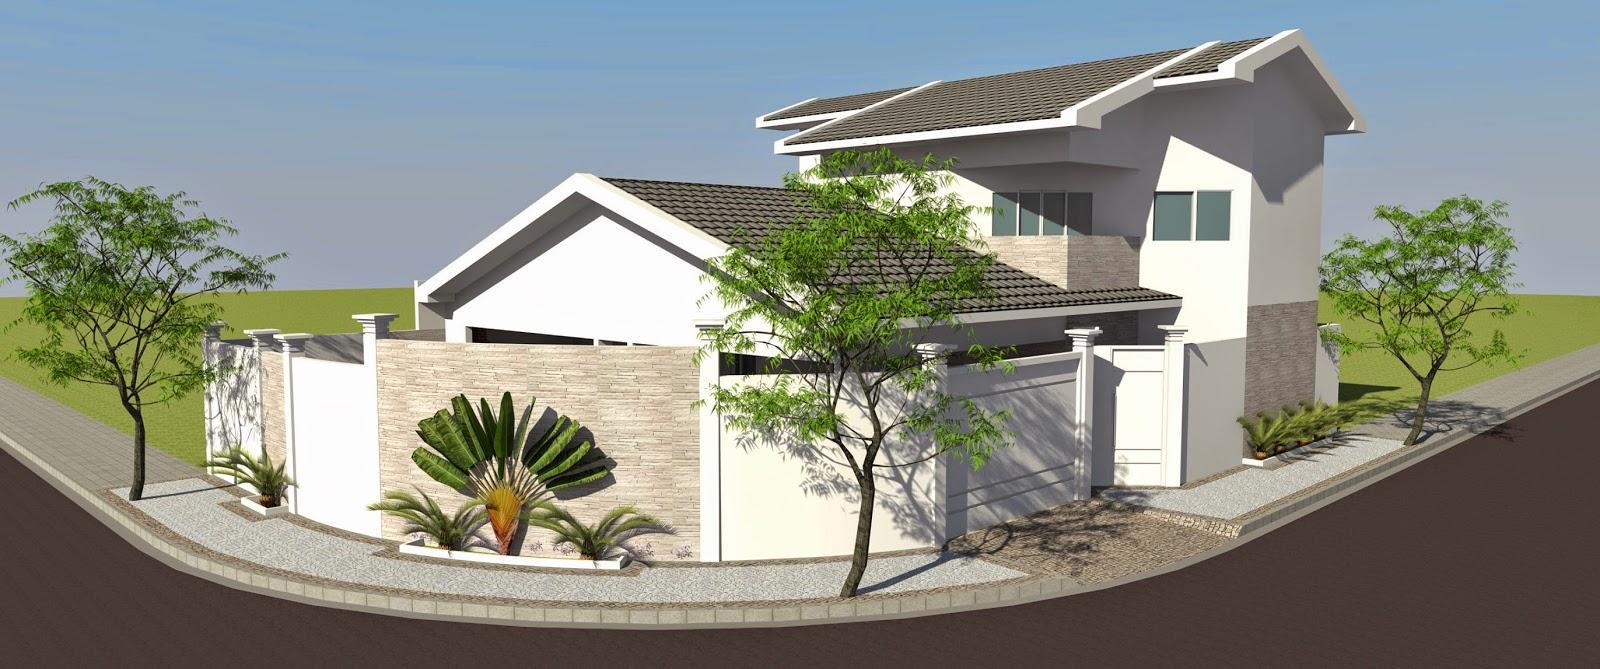 L'aménagement paysager contribue à mettre en valeur la façade